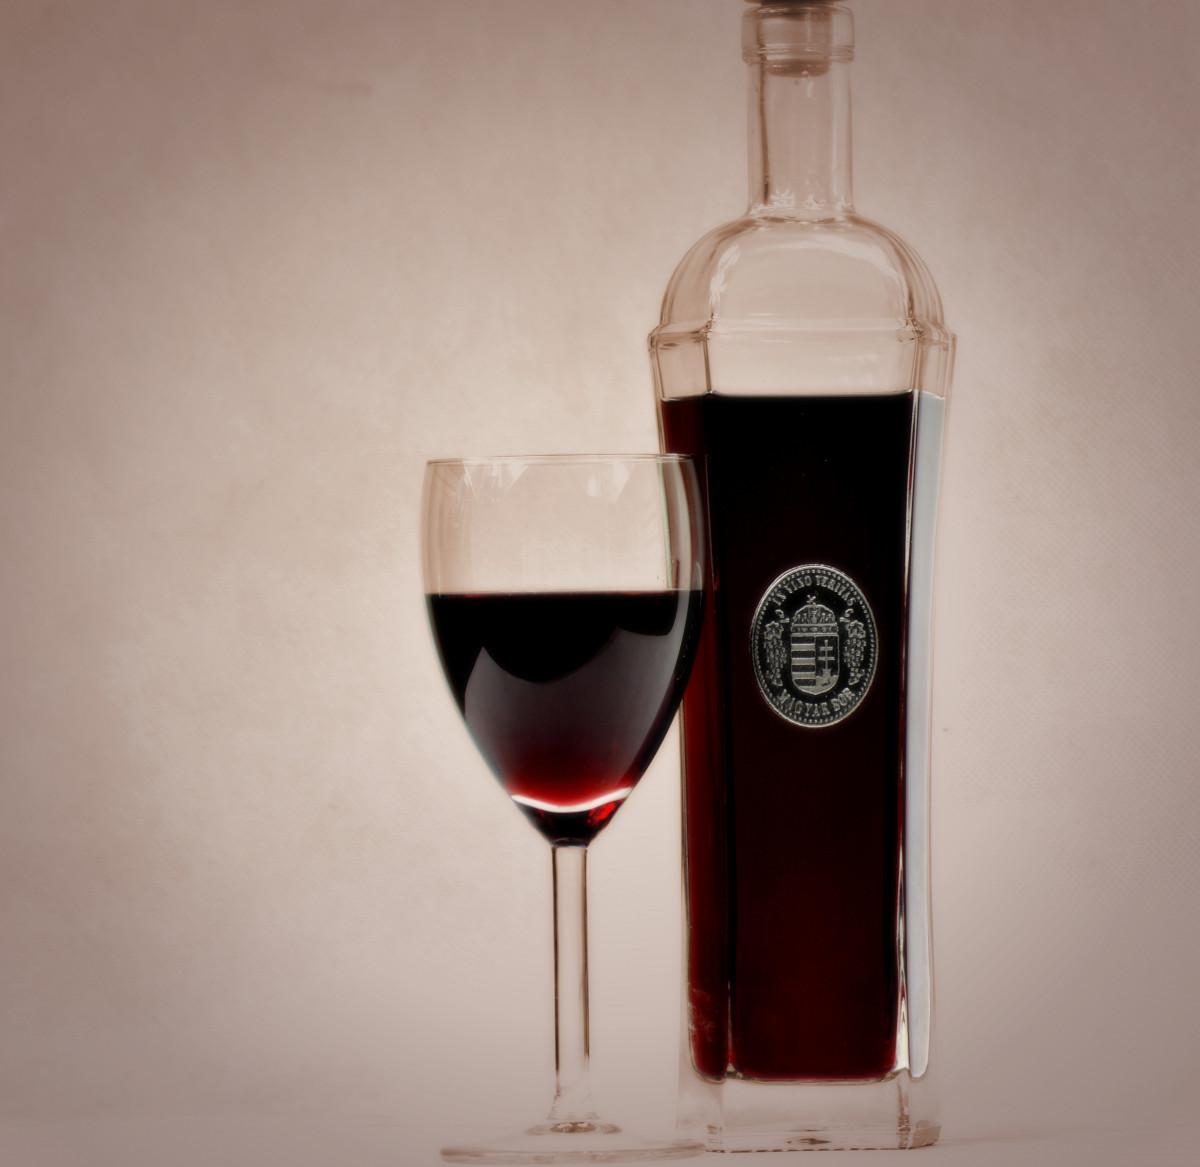 images gratuites coupe vase vin rouge bouteille de. Black Bedroom Furniture Sets. Home Design Ideas